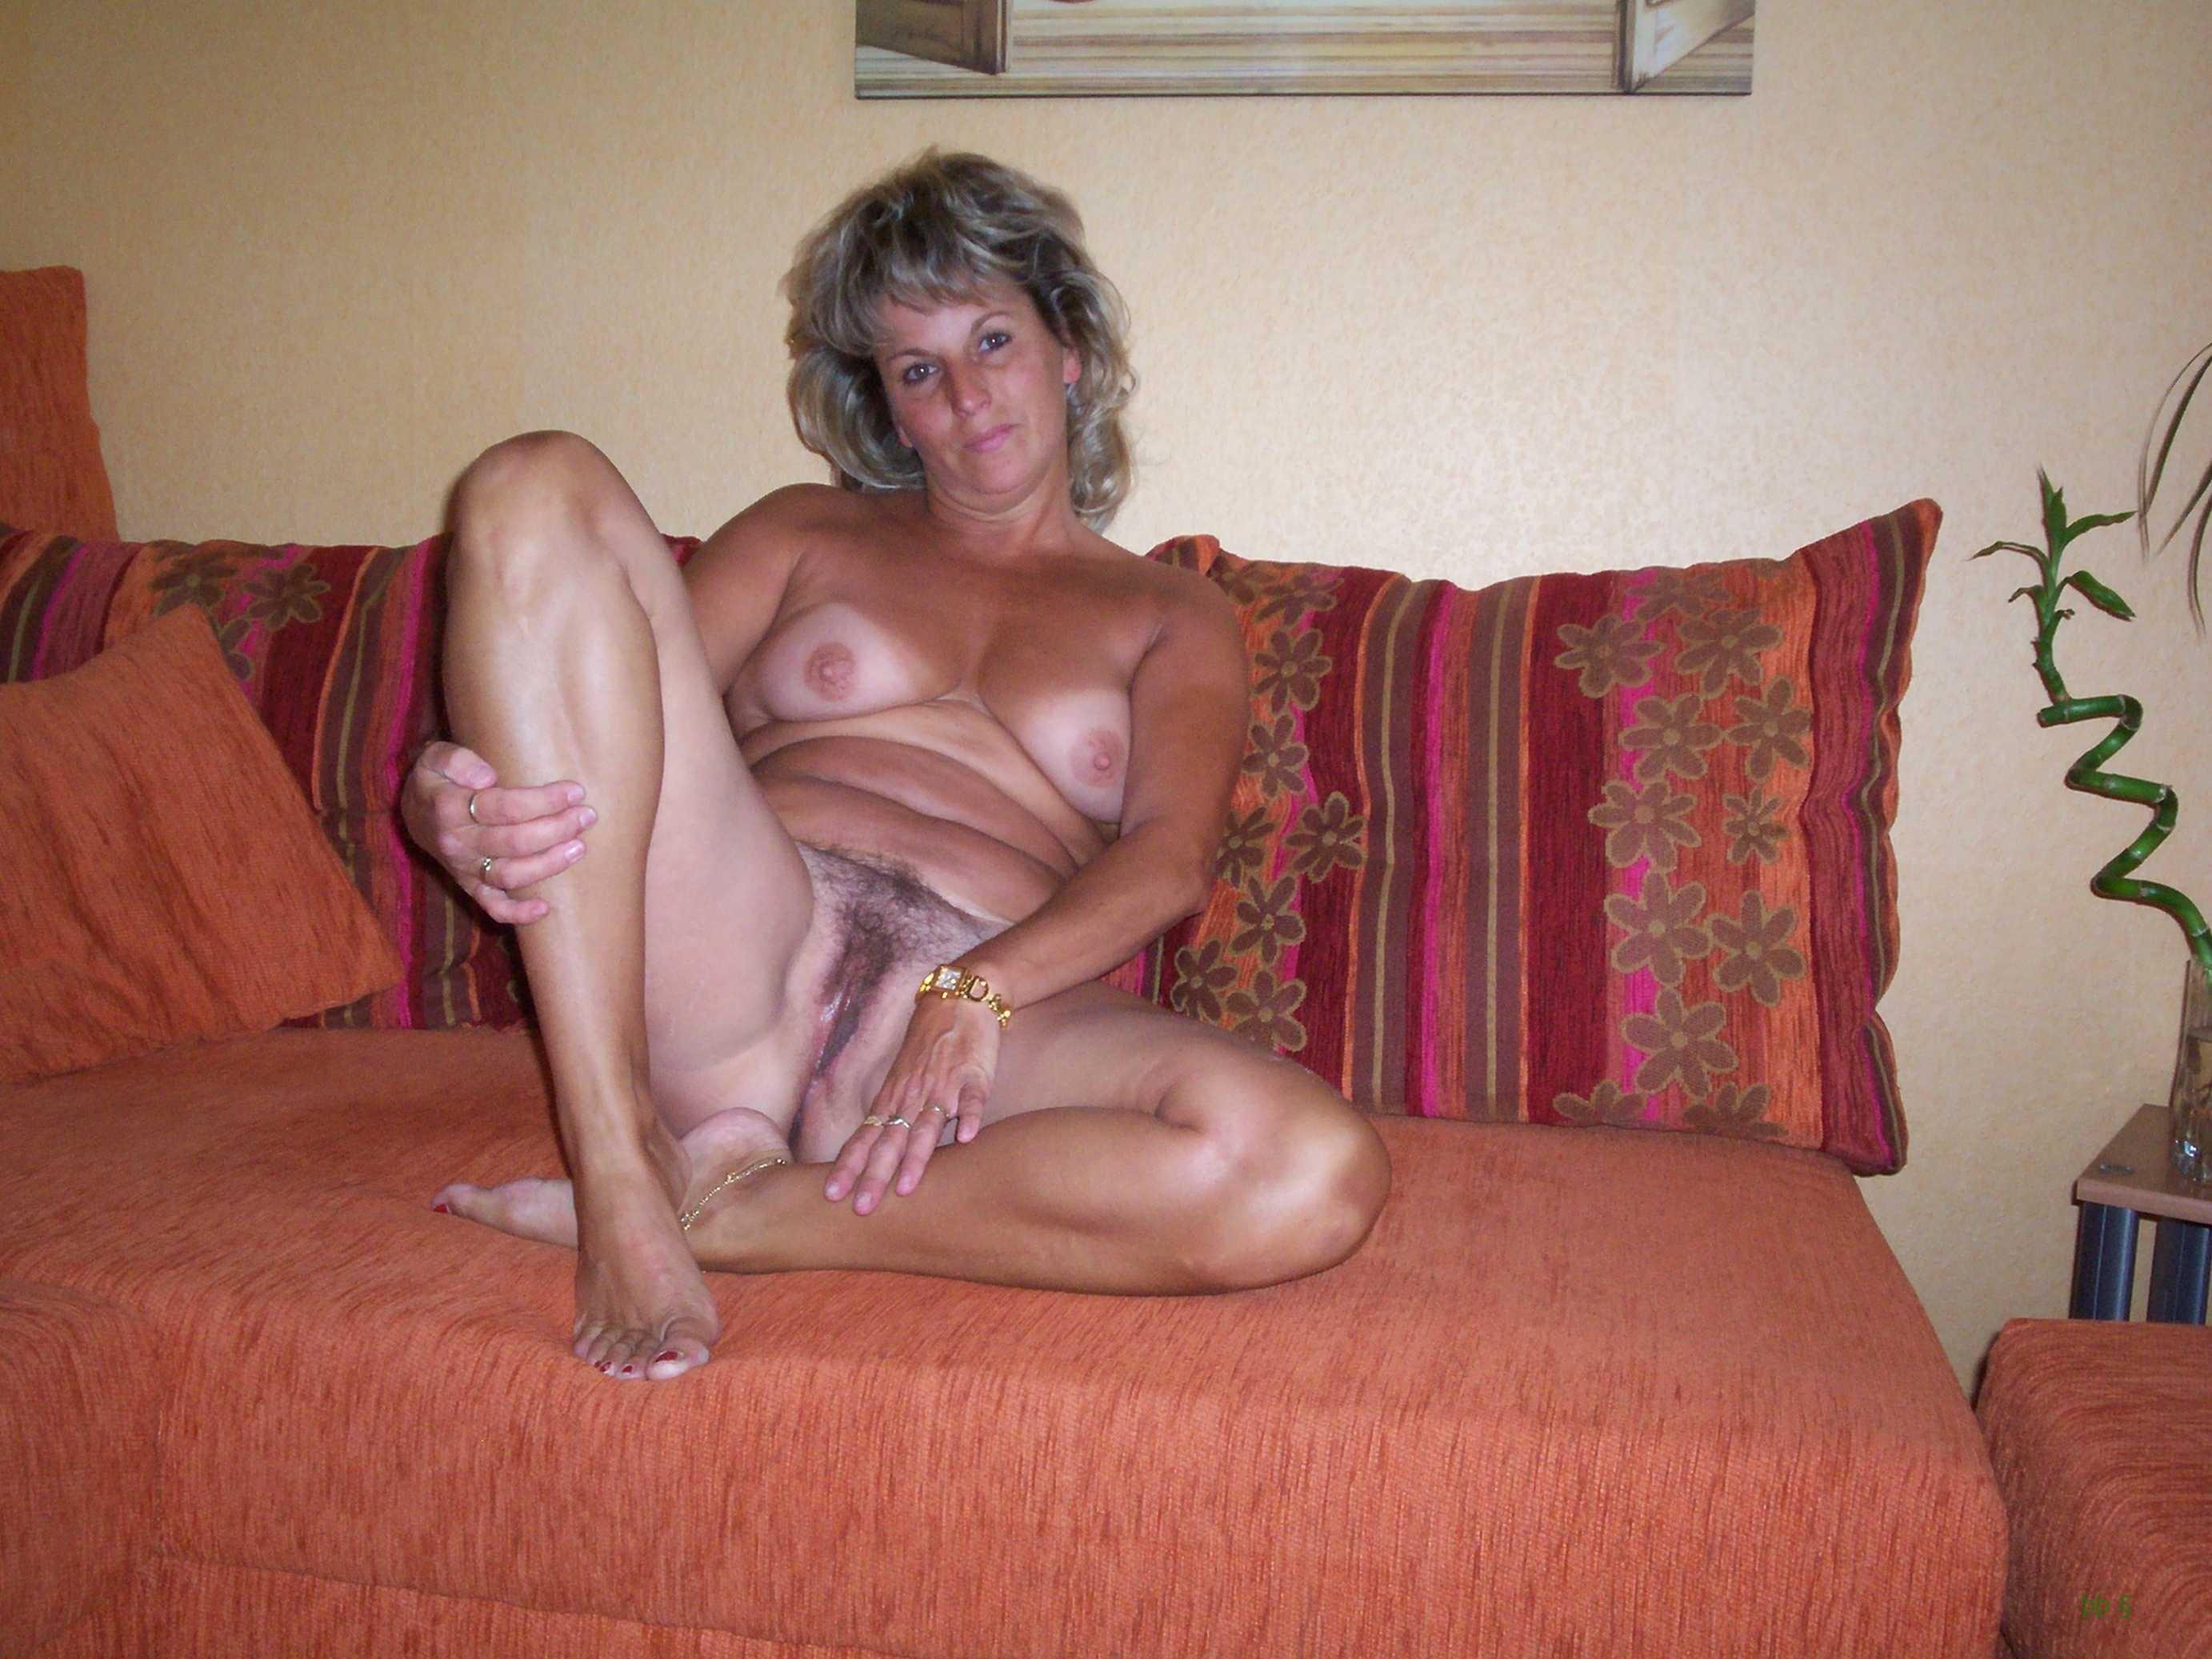 Частное фото бабы в возрасте 22 фотография